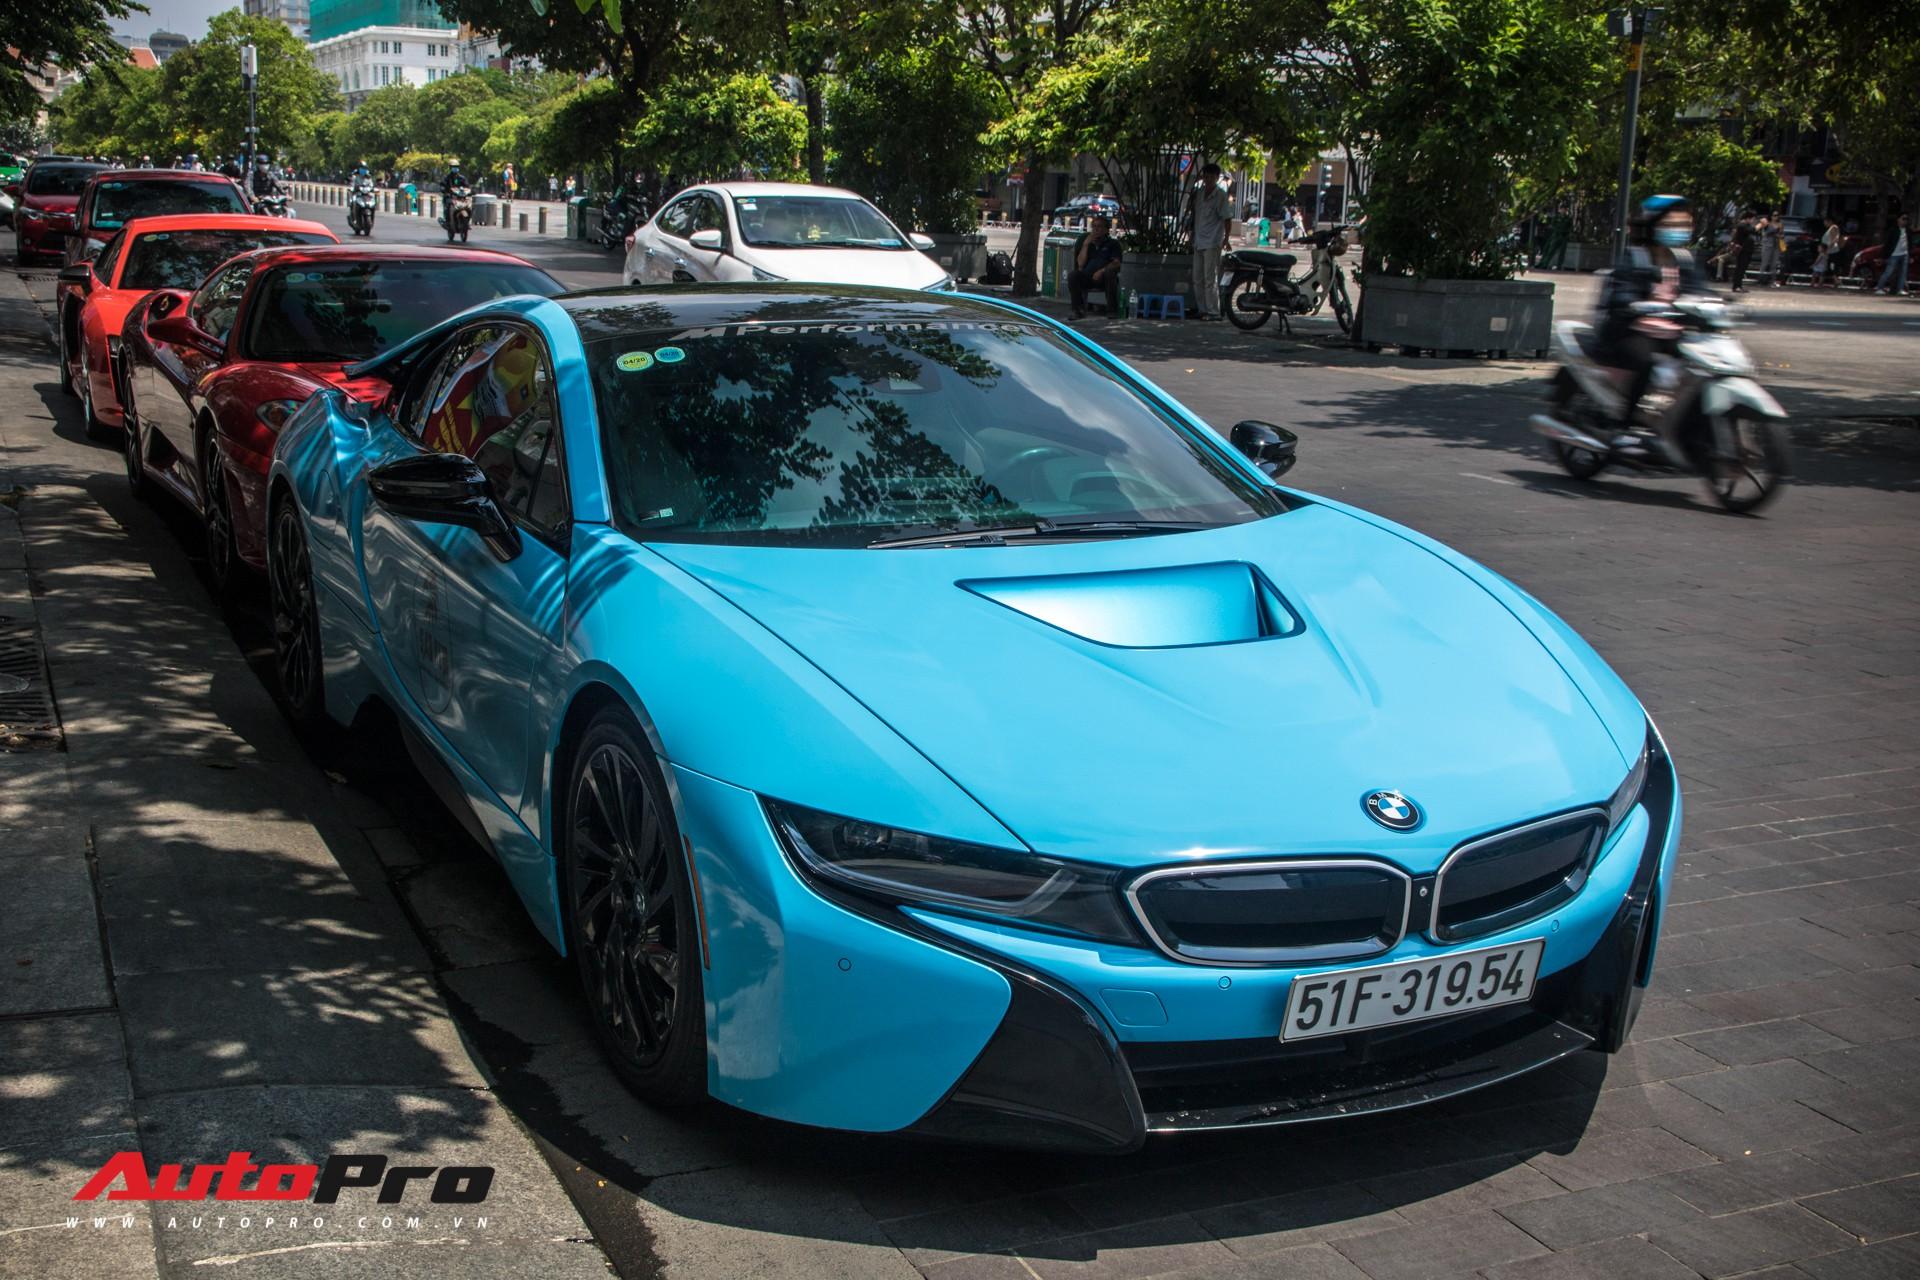 BMW i8 đã trở nên đại trà ở Việt Nam, chủ chiếc xe này chọn cách làm mới khác biệt để tạo điểm nhấn - Ảnh 1.